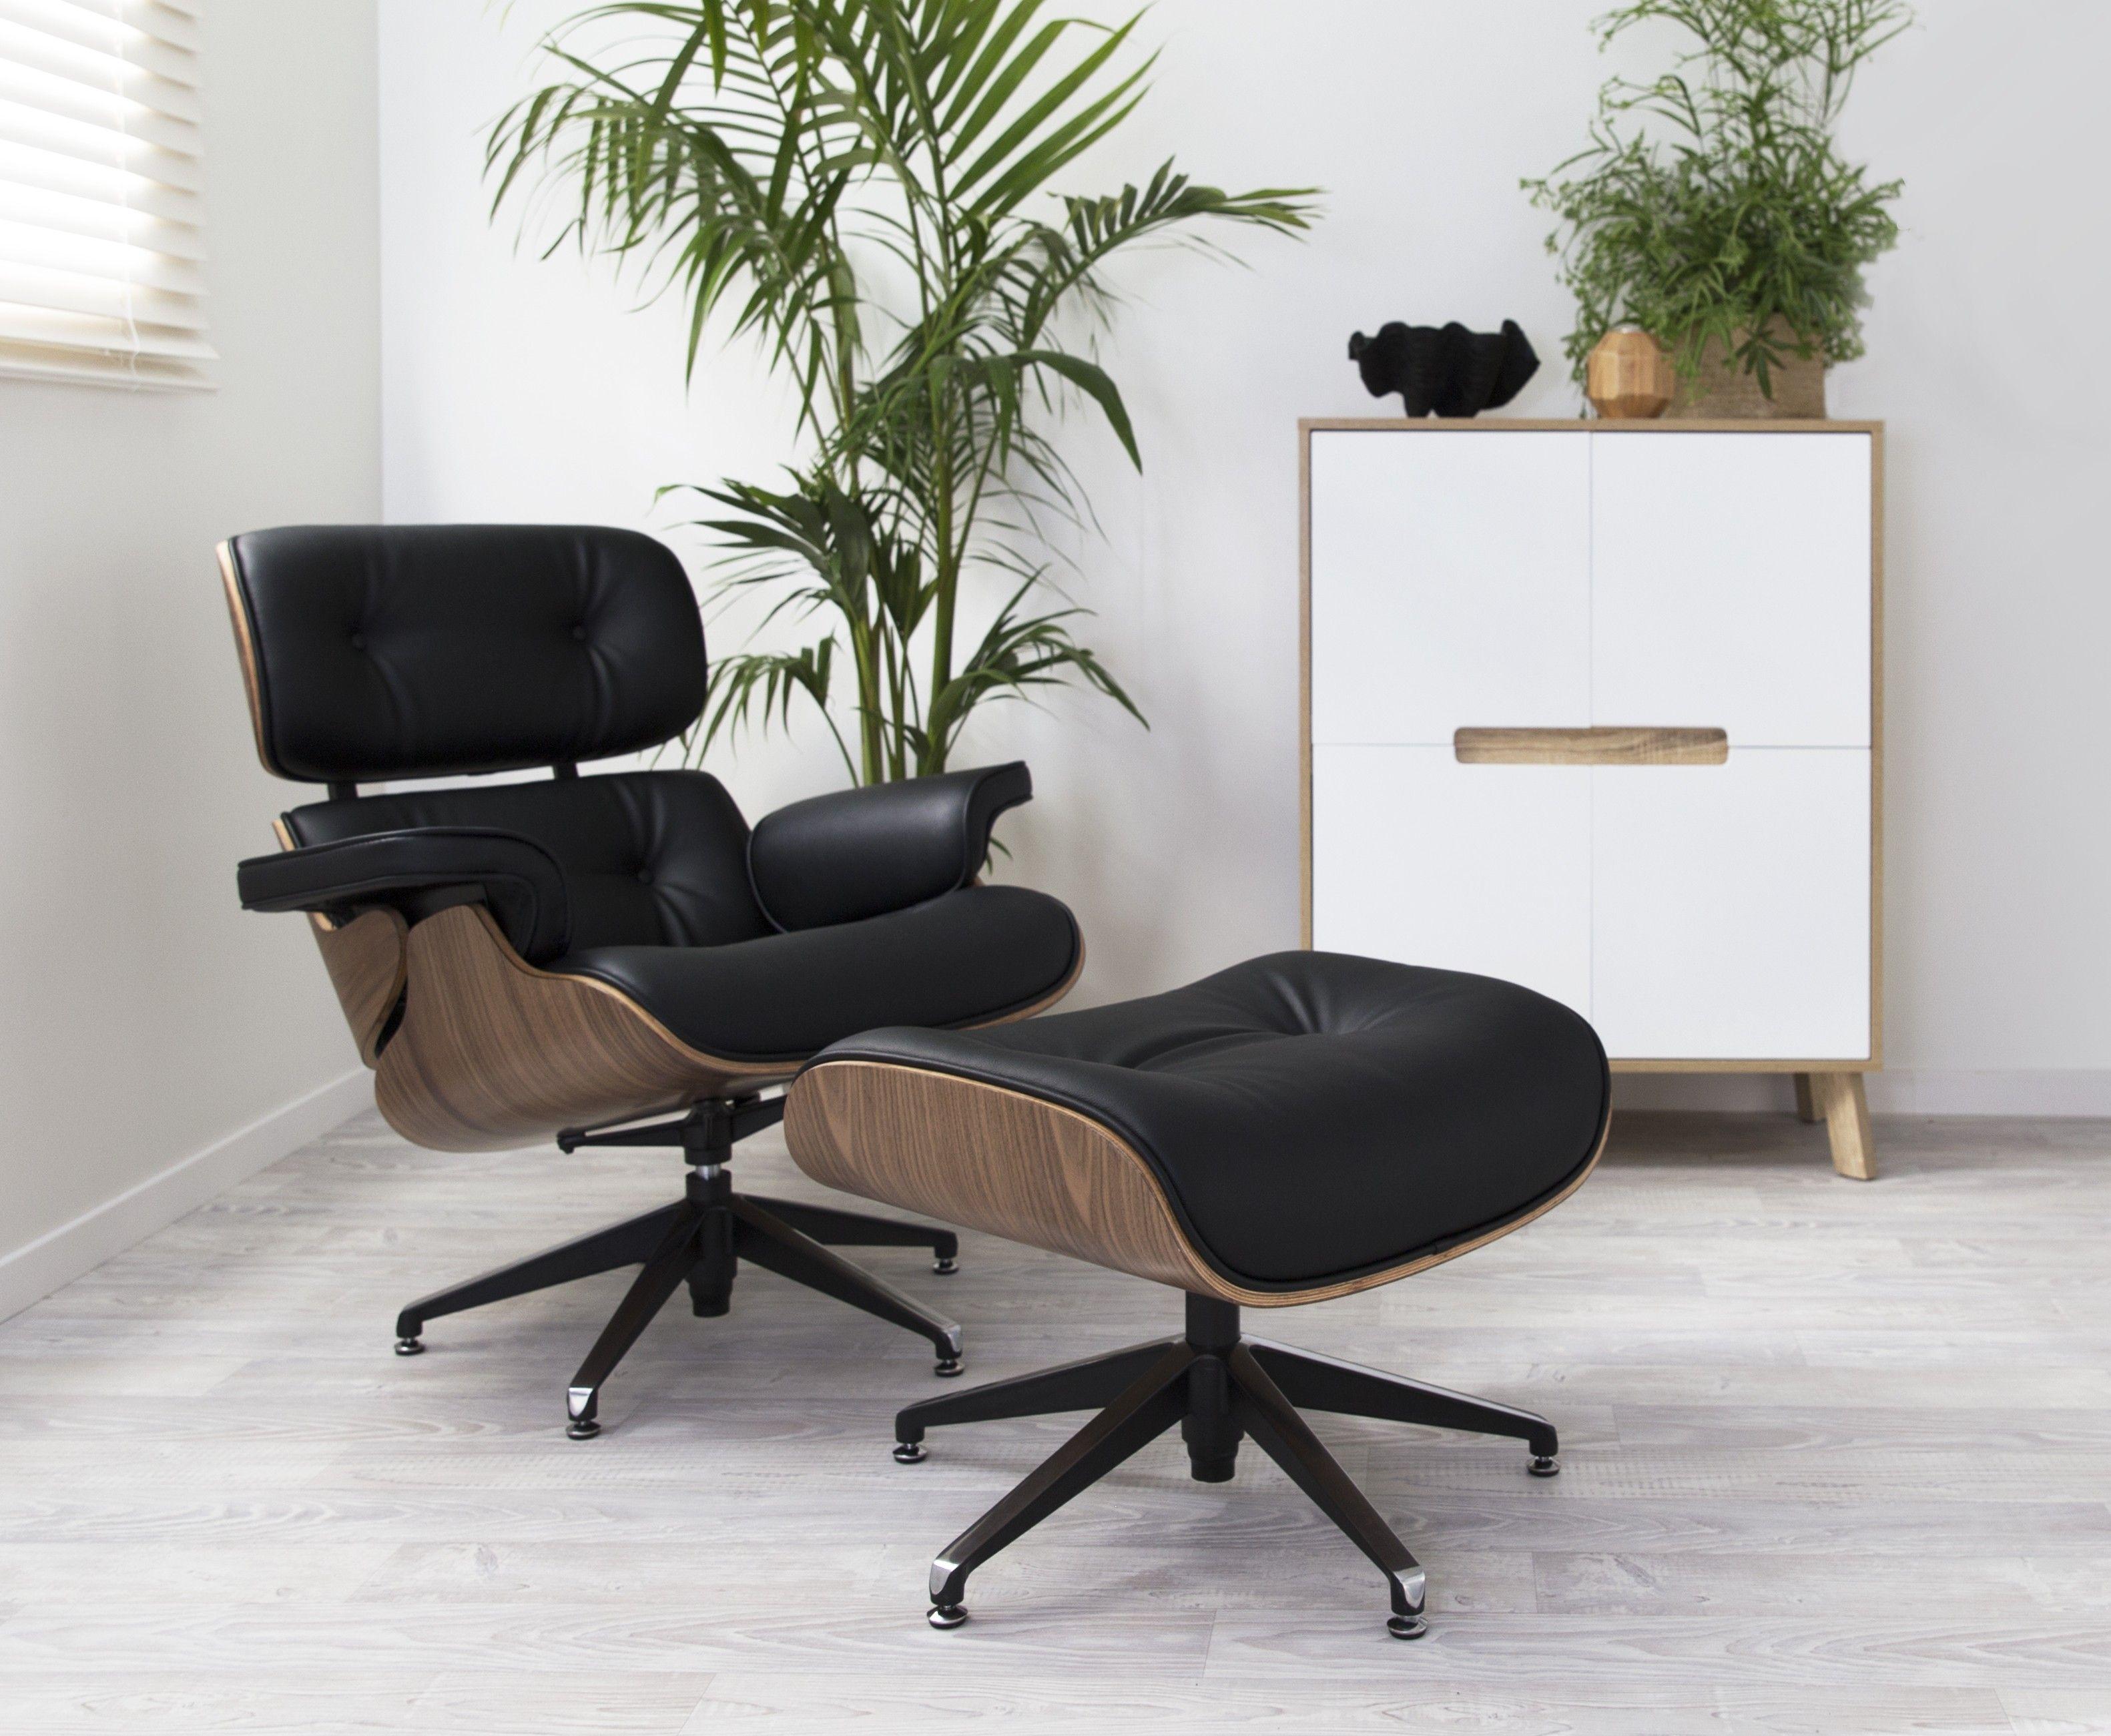 Replica Eames Lounge Chair Ottoman Lounge Chair Ottoman Chair